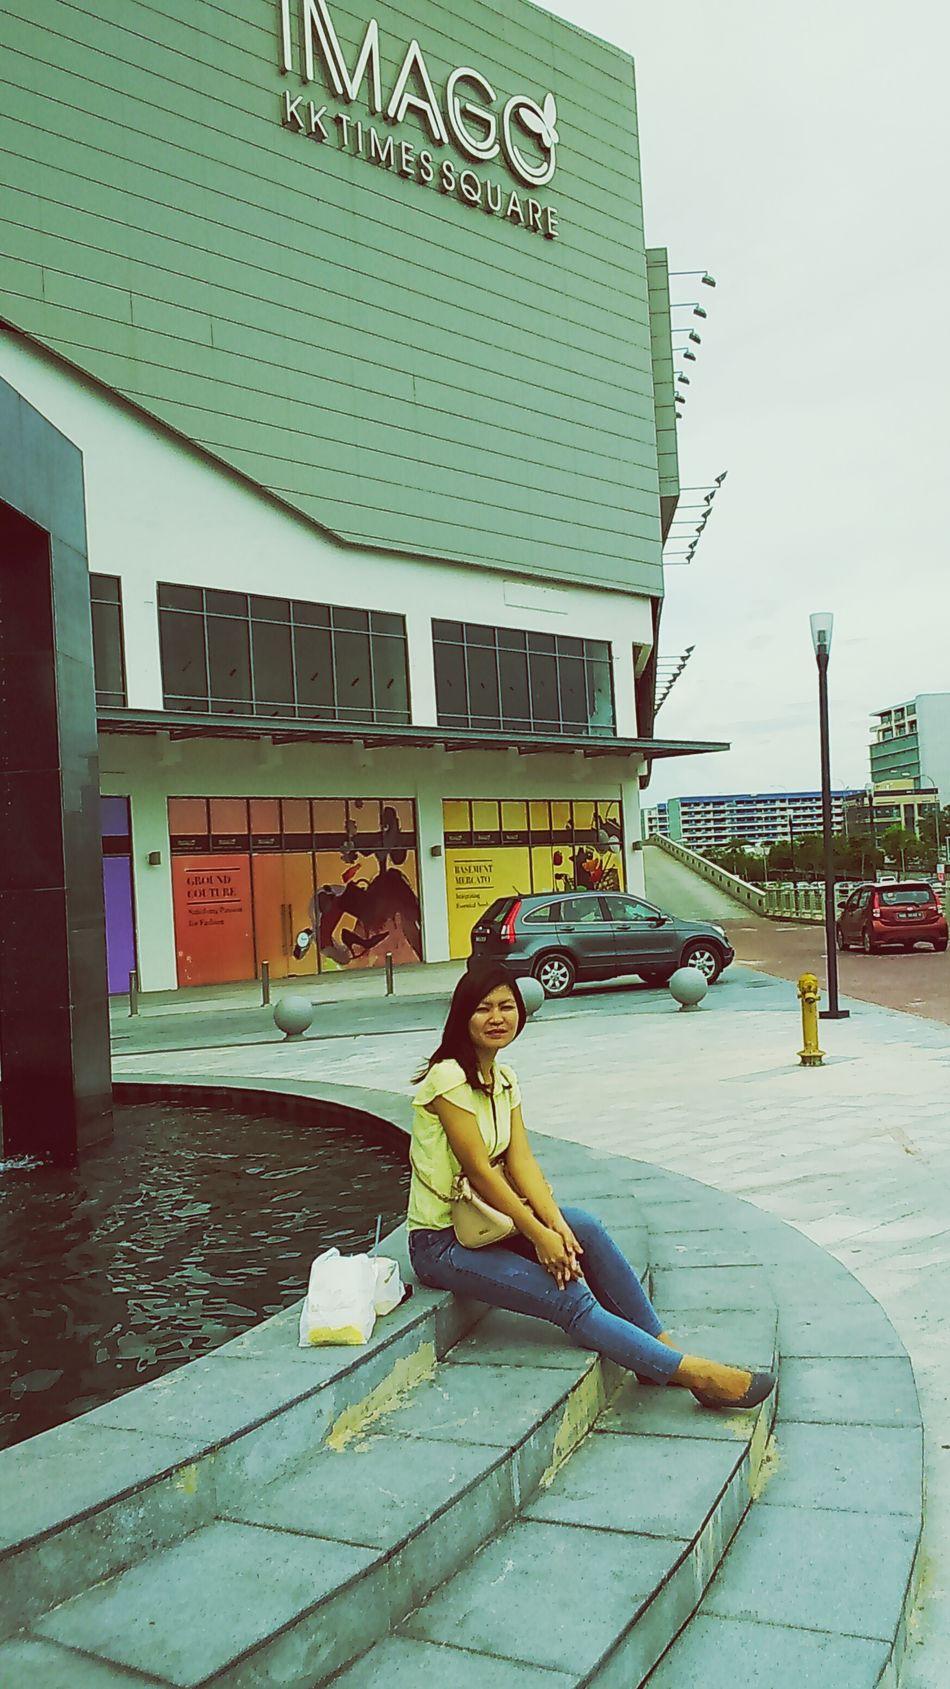 Imago Shopping Mall Captured By Nollseeker 😘